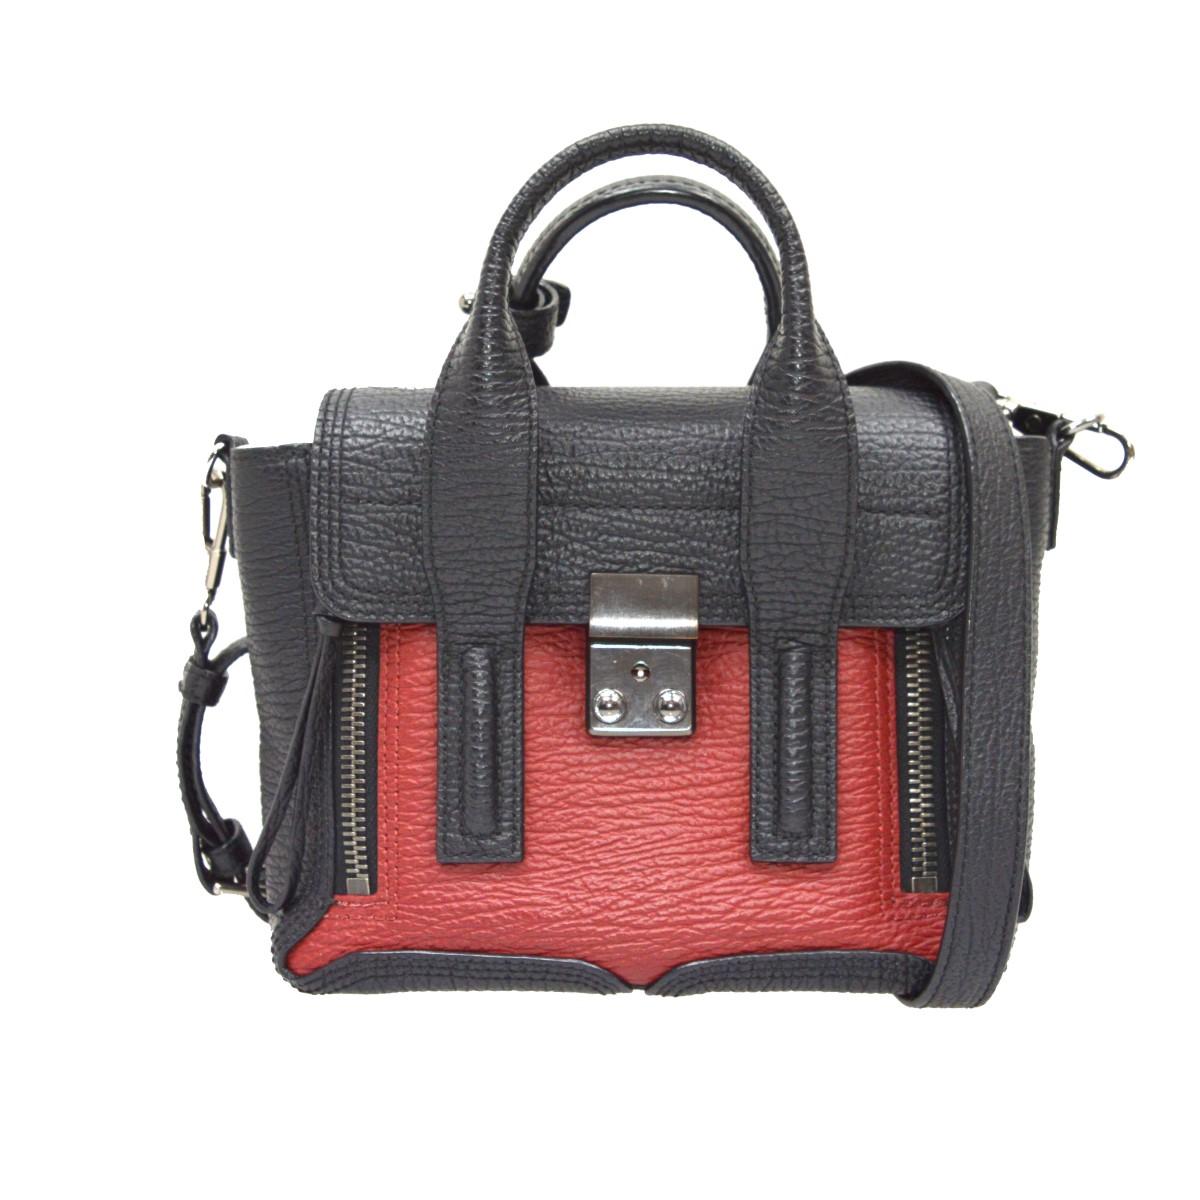 【中古】3.1 phillip lim Pashli Mini Leather Satchel Bag 2WAYハンドバッグ ブラック×レッド 【140620】(スリーワンフィリップリム)